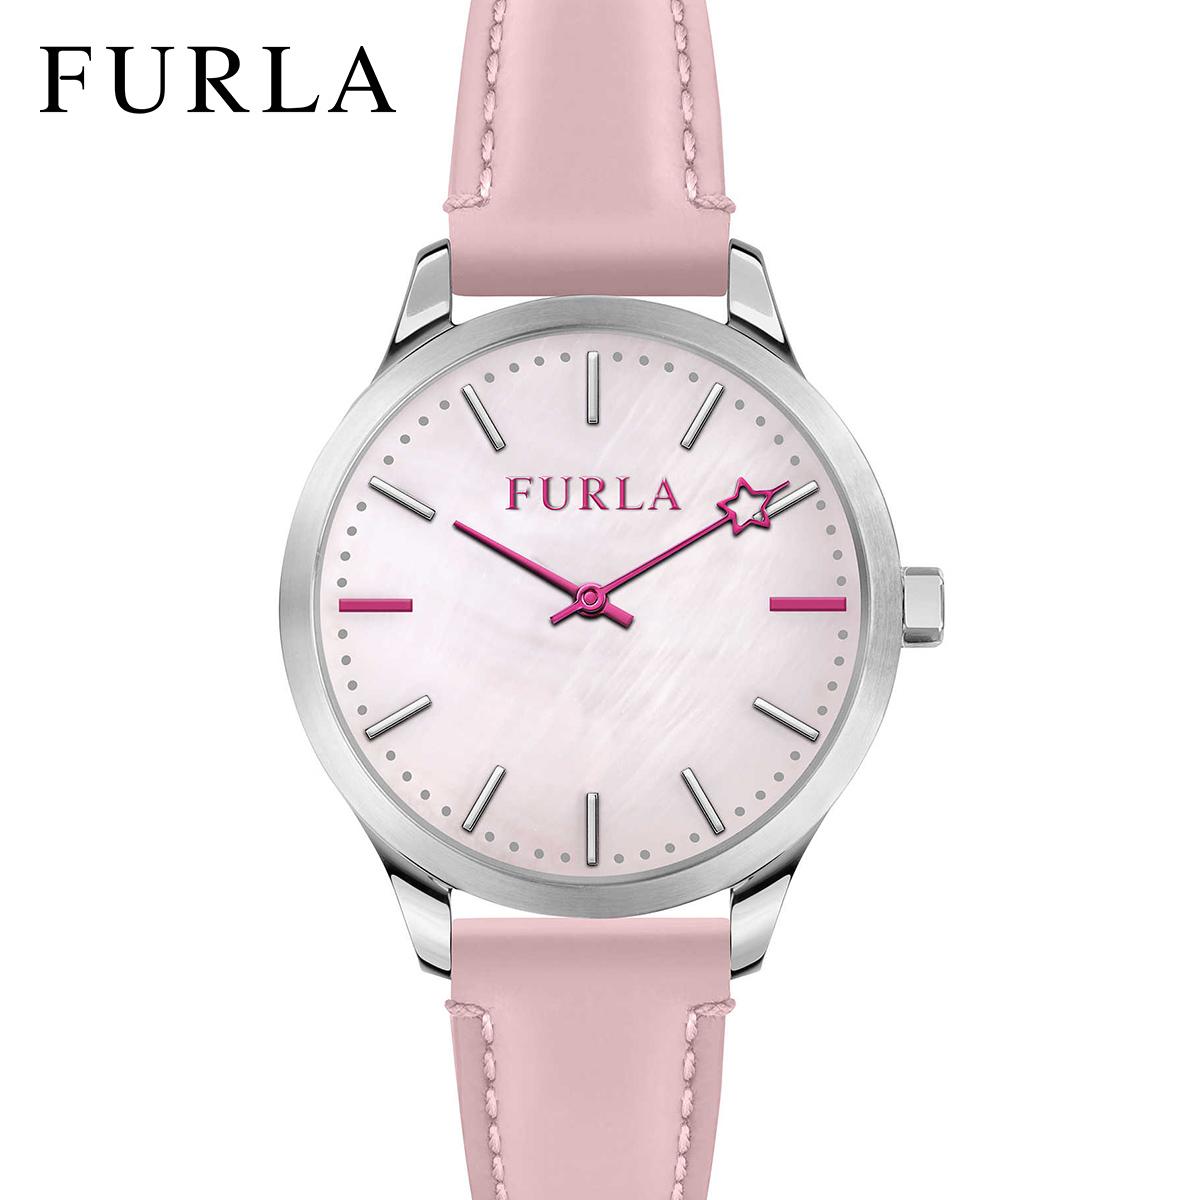 【全品送料無料】 フルラ FURLA LIKE ライク R4251119509 レディース 時計 腕時計 クオーツ